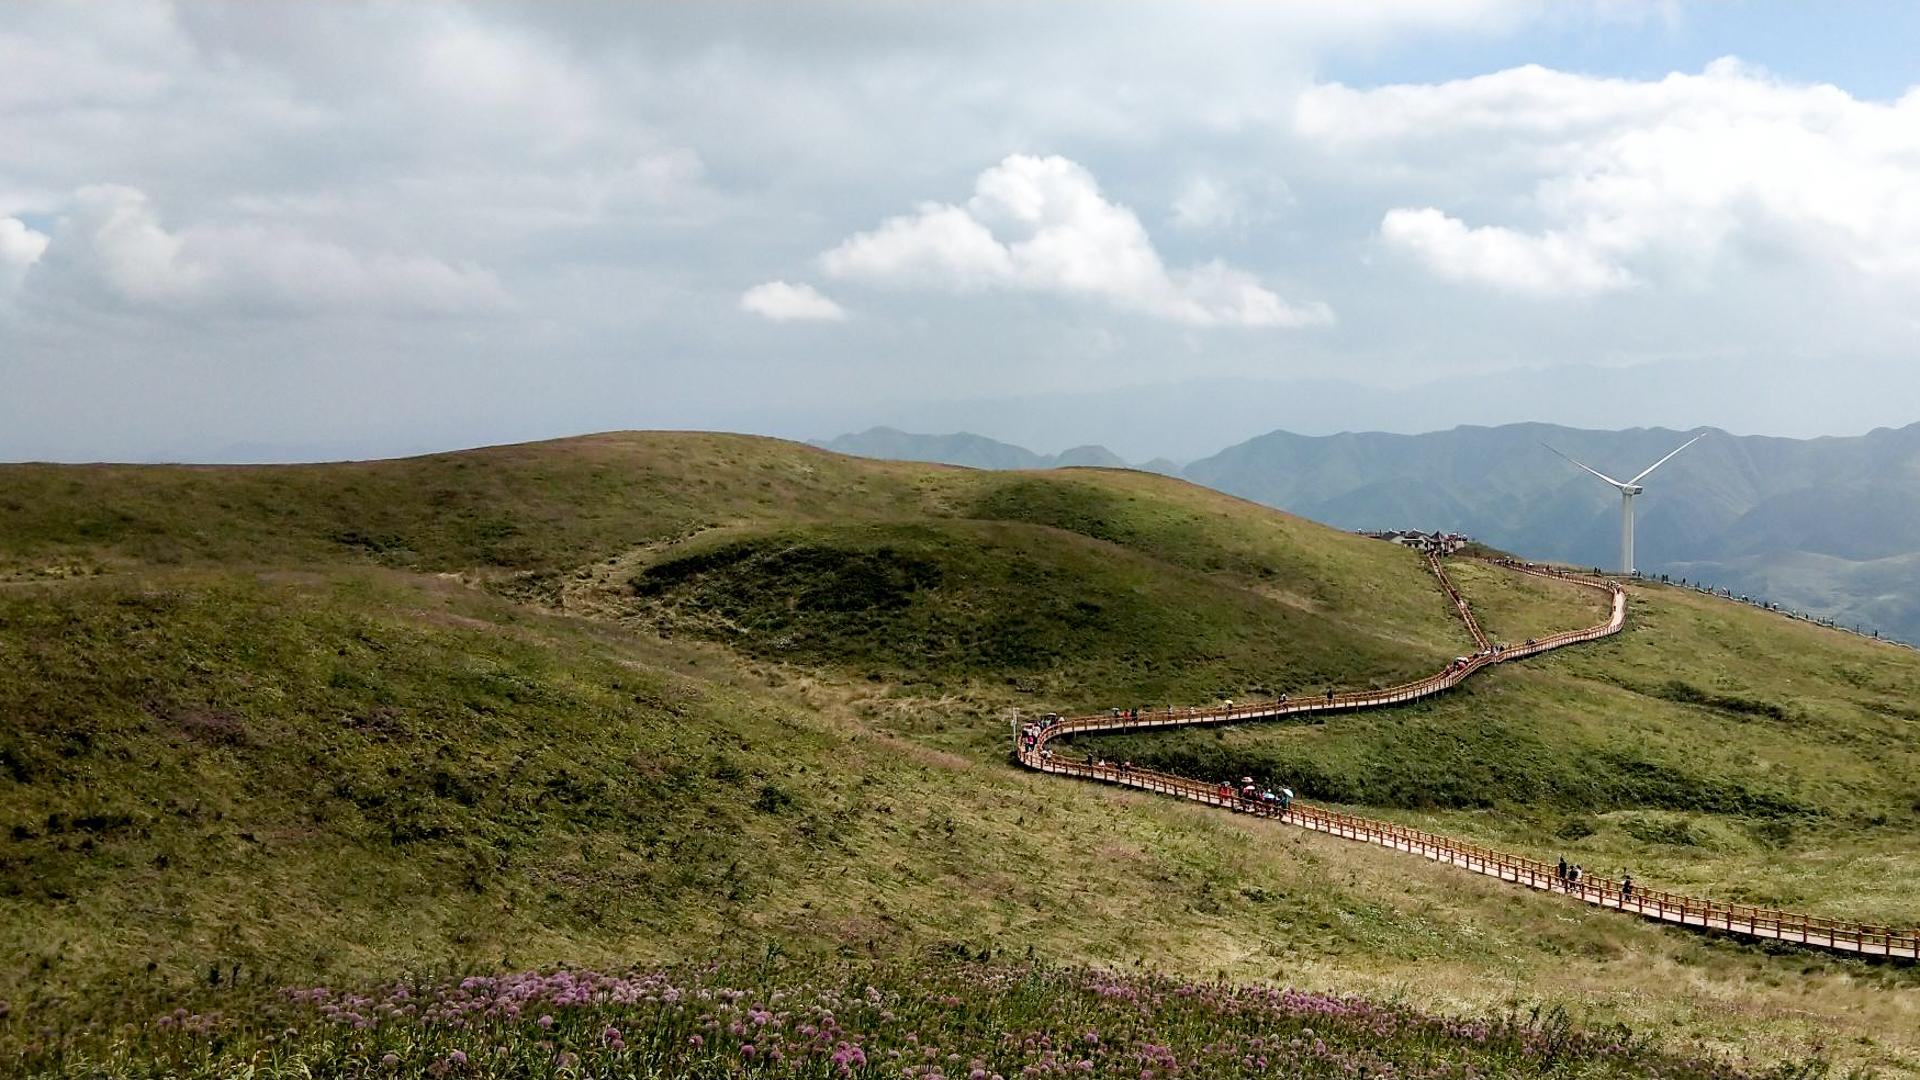 贵州一个用蔬菜命名的景区,高山上布满紫色花海,游客在这里牧云